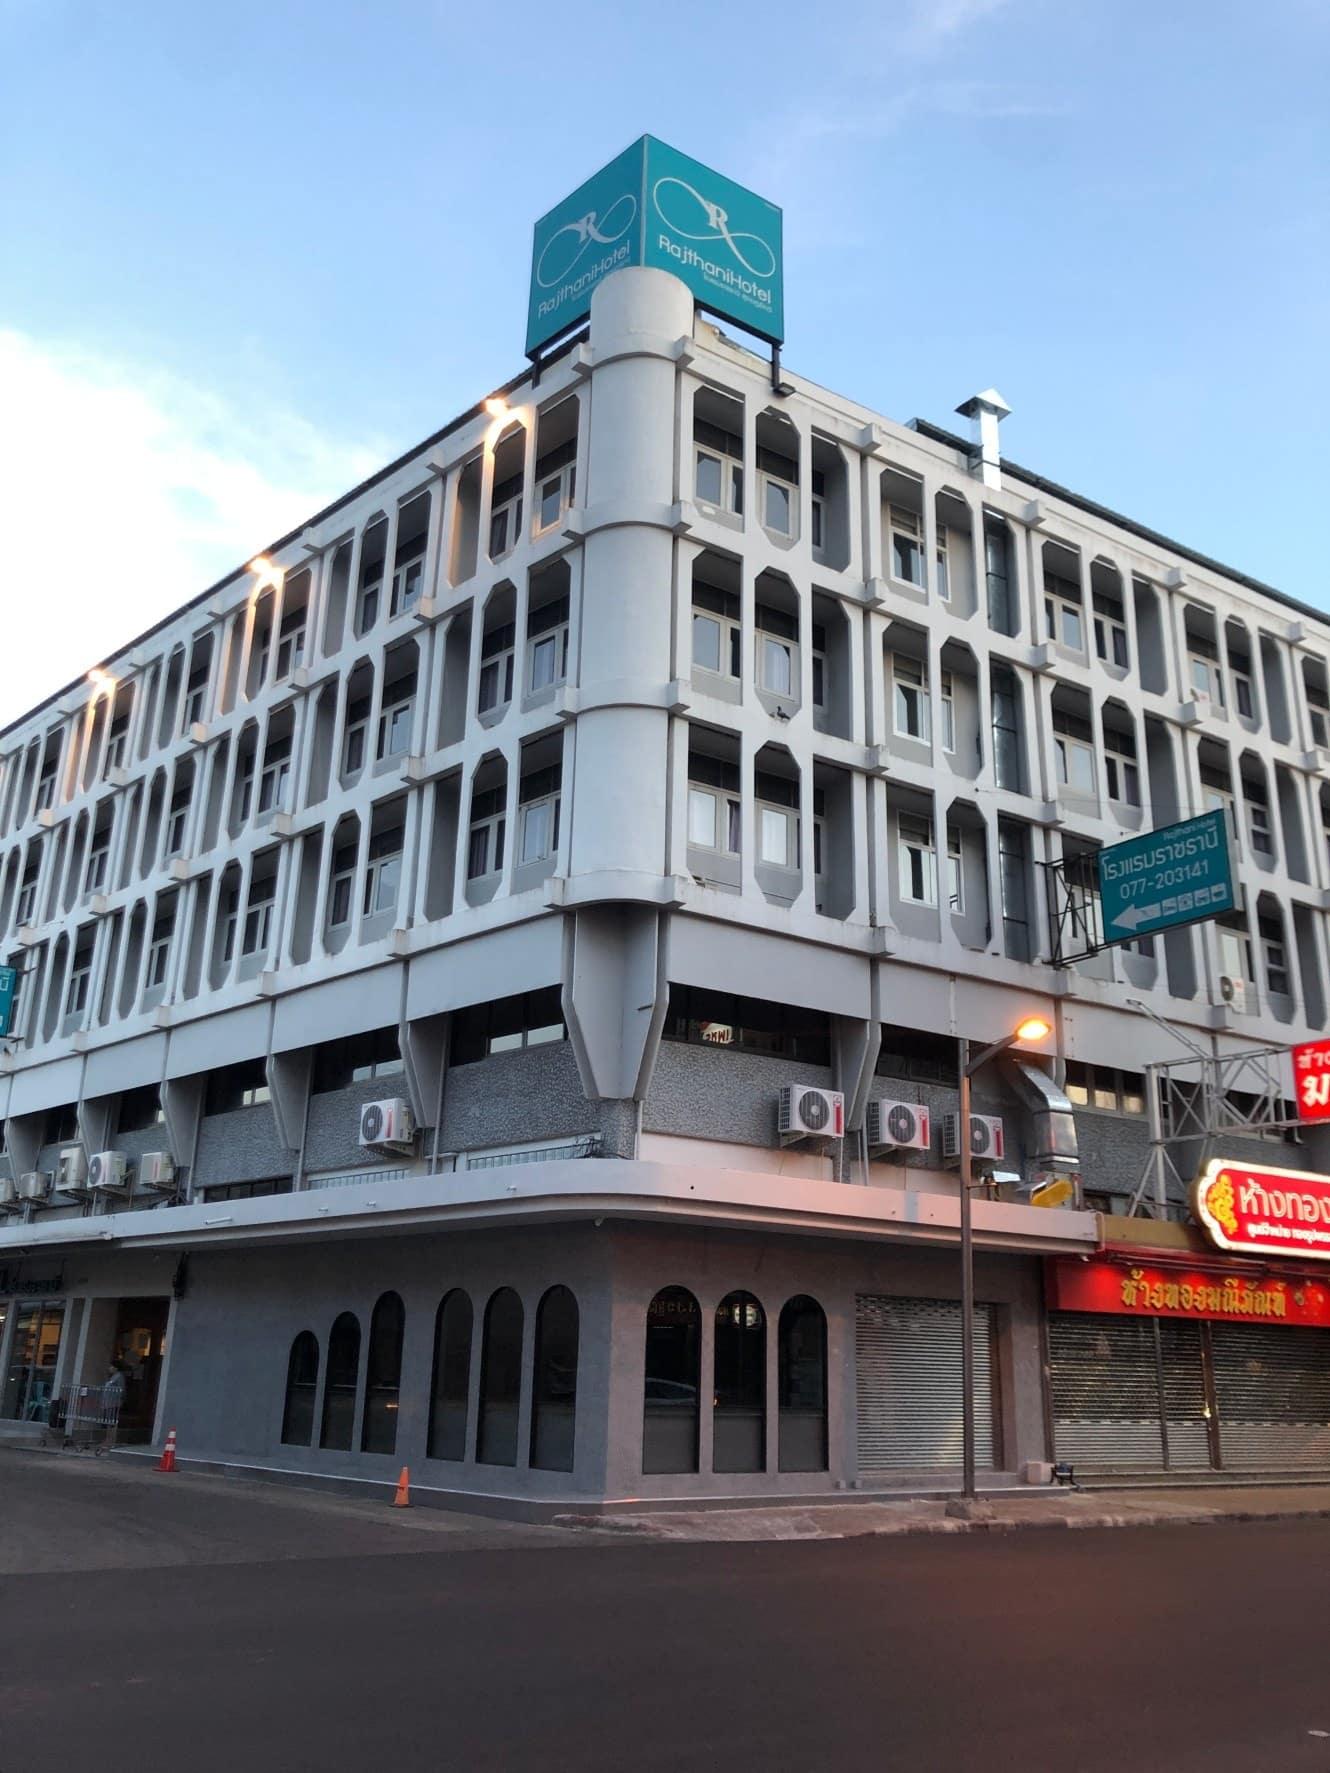 10 ที่พักสุราษฎร์ธานี ในตัวเมือง ราคาหลักร้อย งบไม่เงิน 760 บาท!